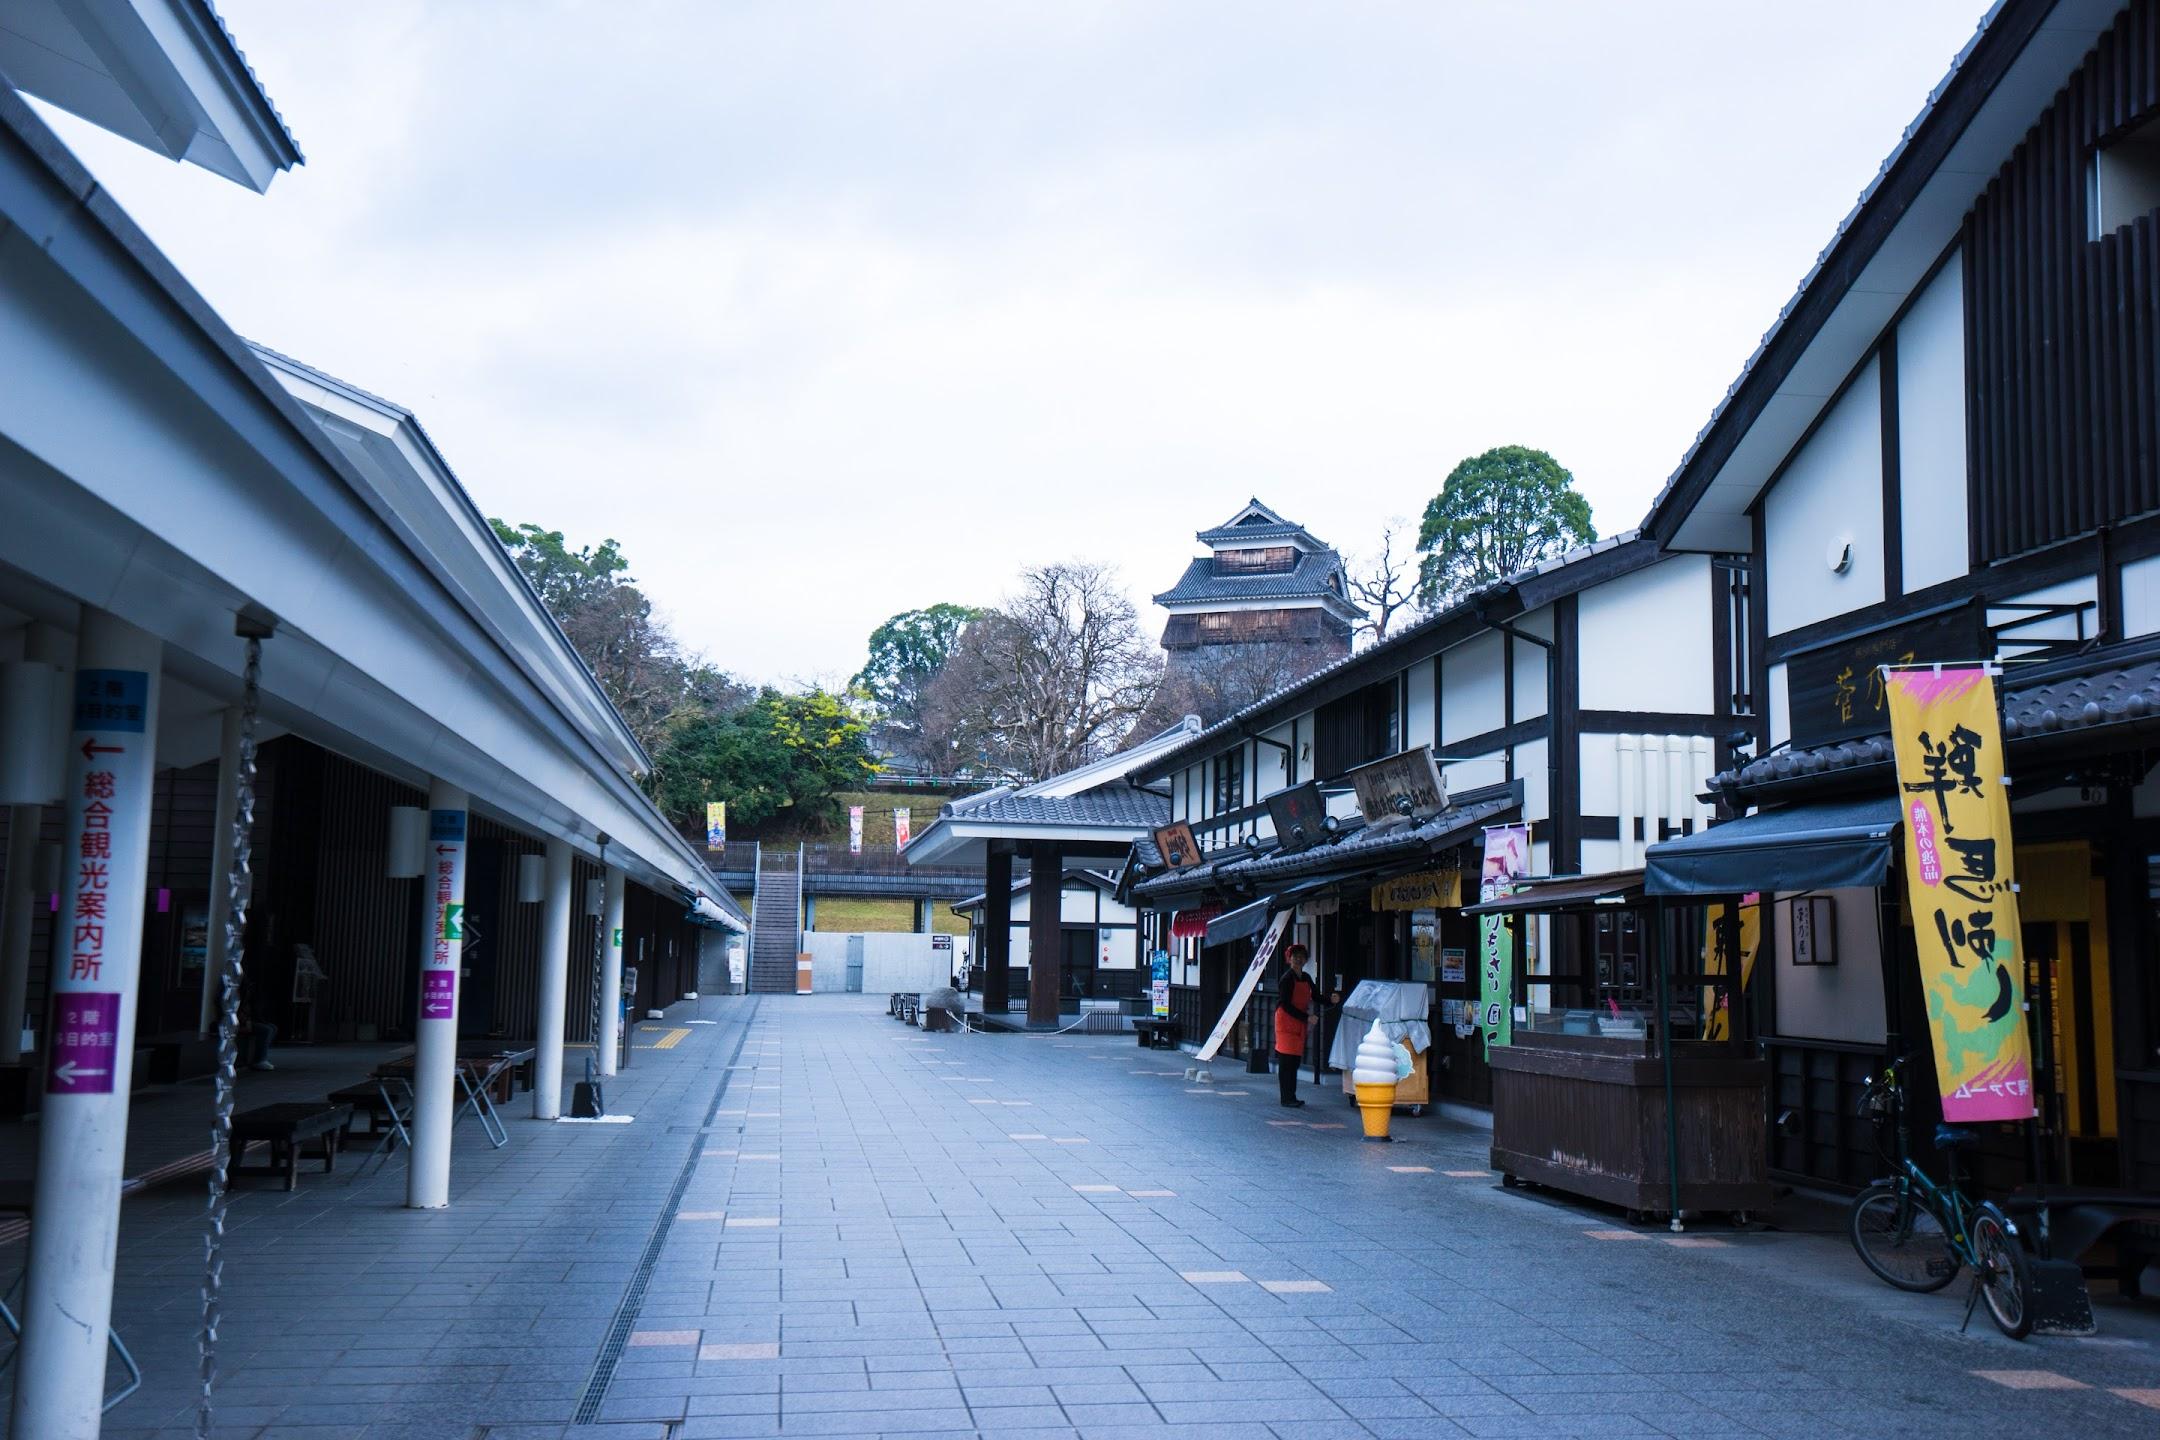 熊本城 桜の馬場 城彩苑3